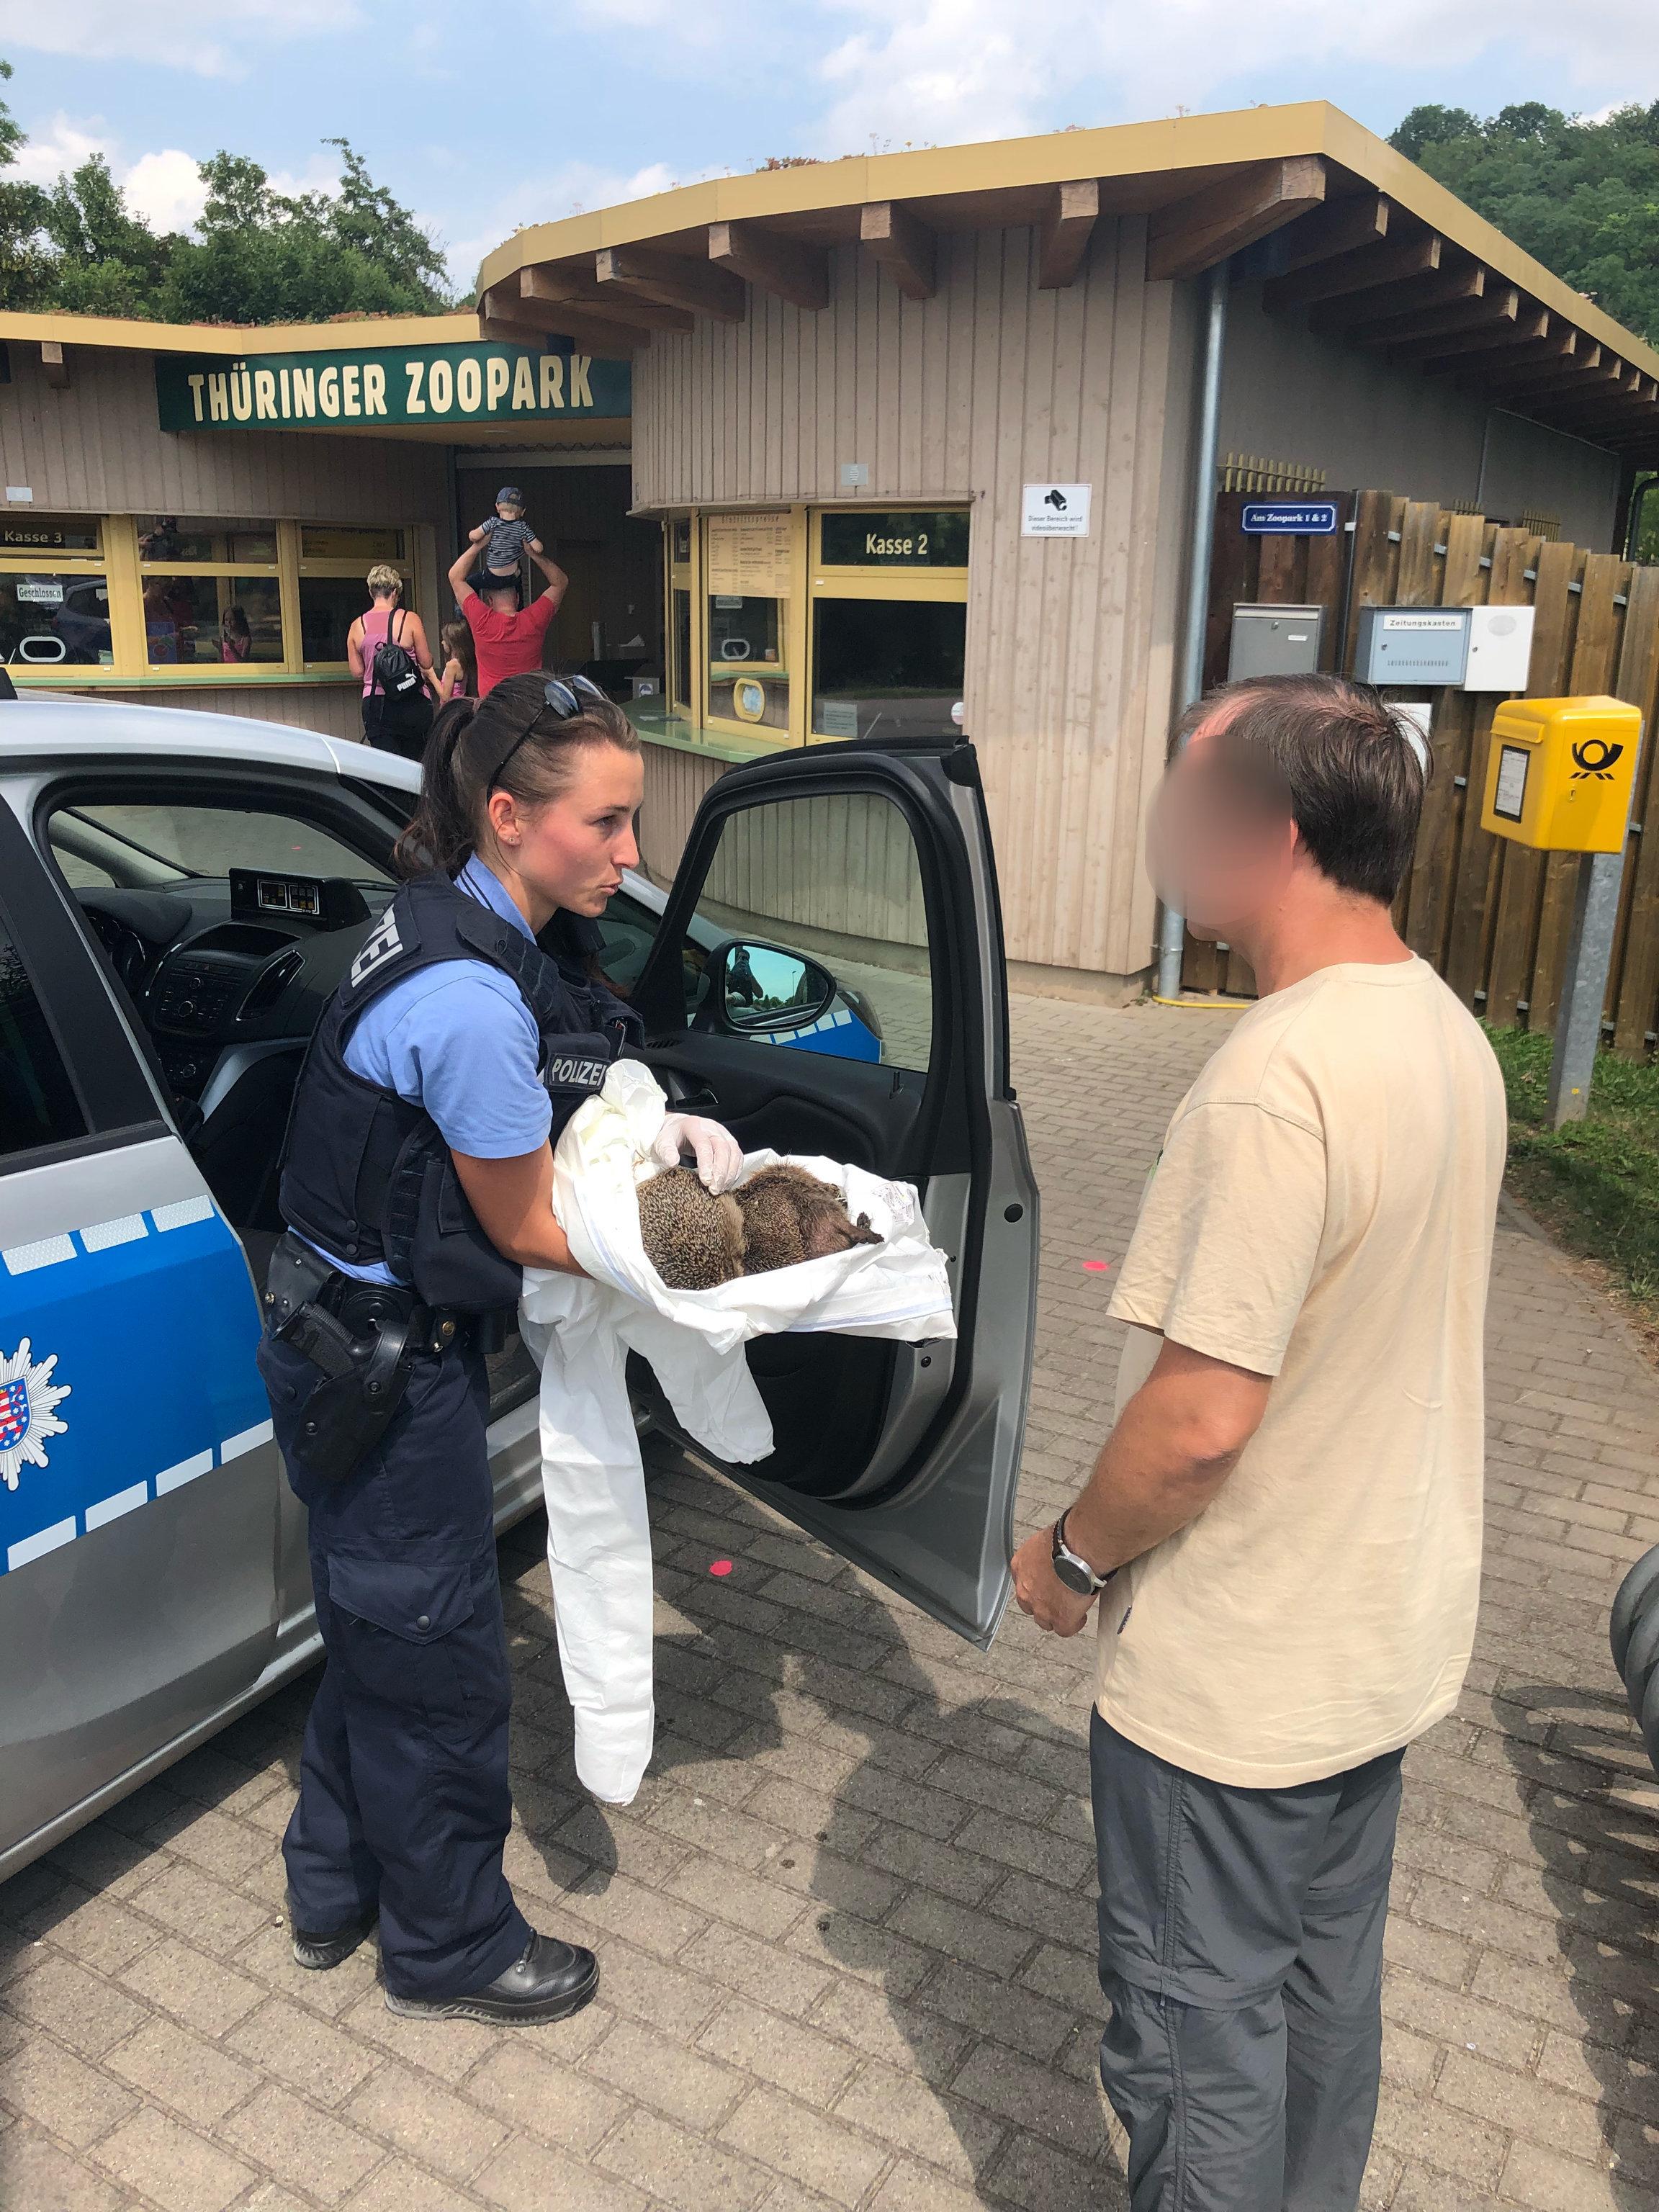 Sie naschten Eierlikör: Erfurter Polizei muss betrunkene Igel